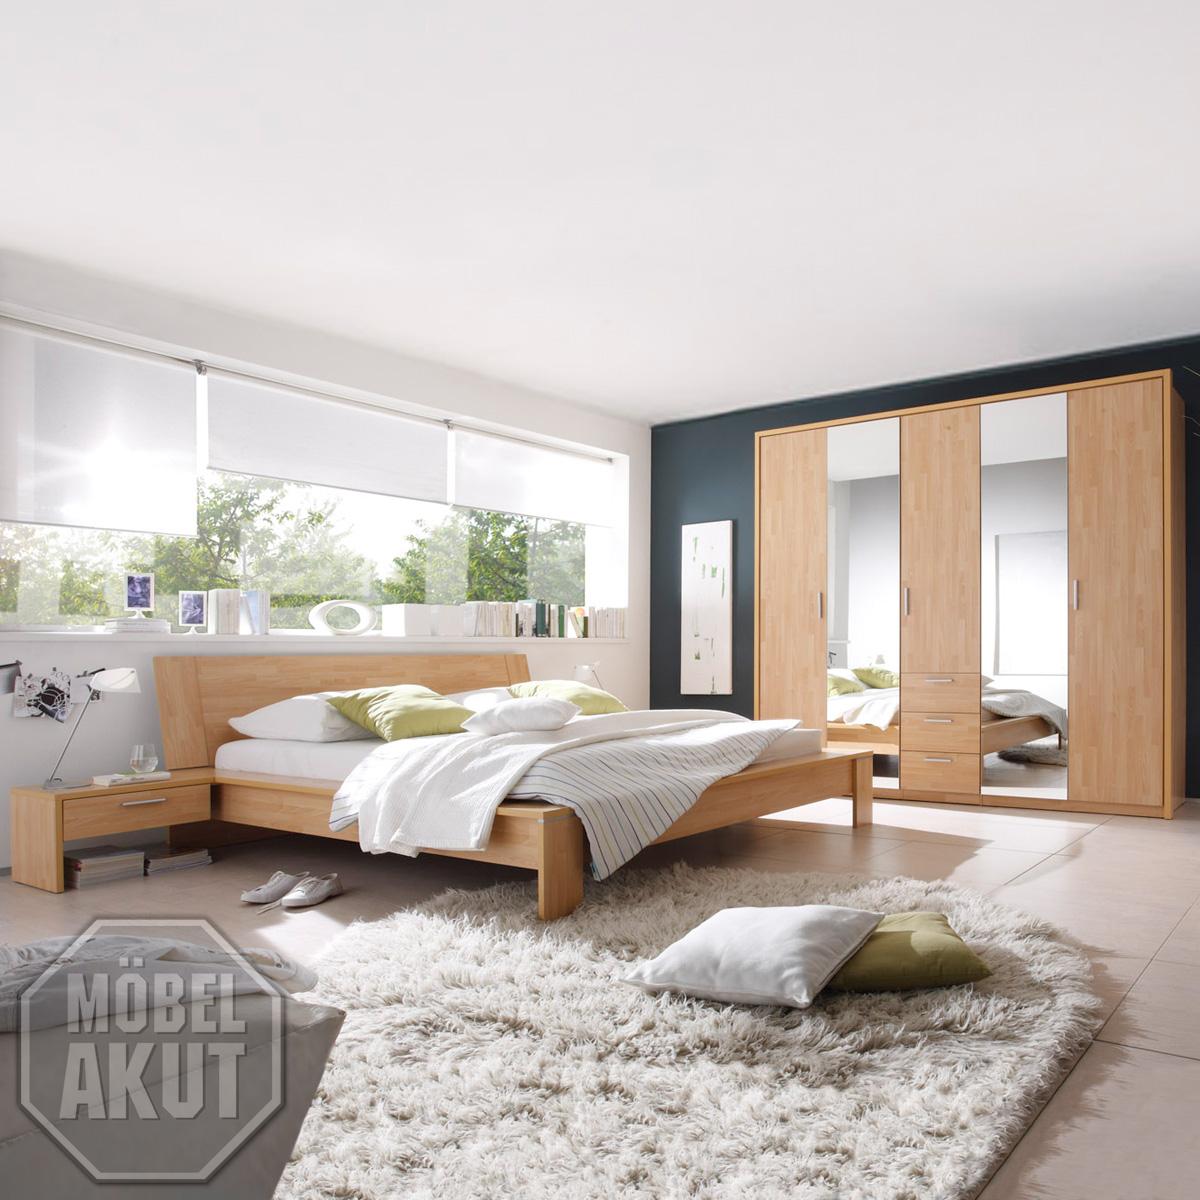 uberbau schlafzimmer bett schrank ihr ideales zuhause stil